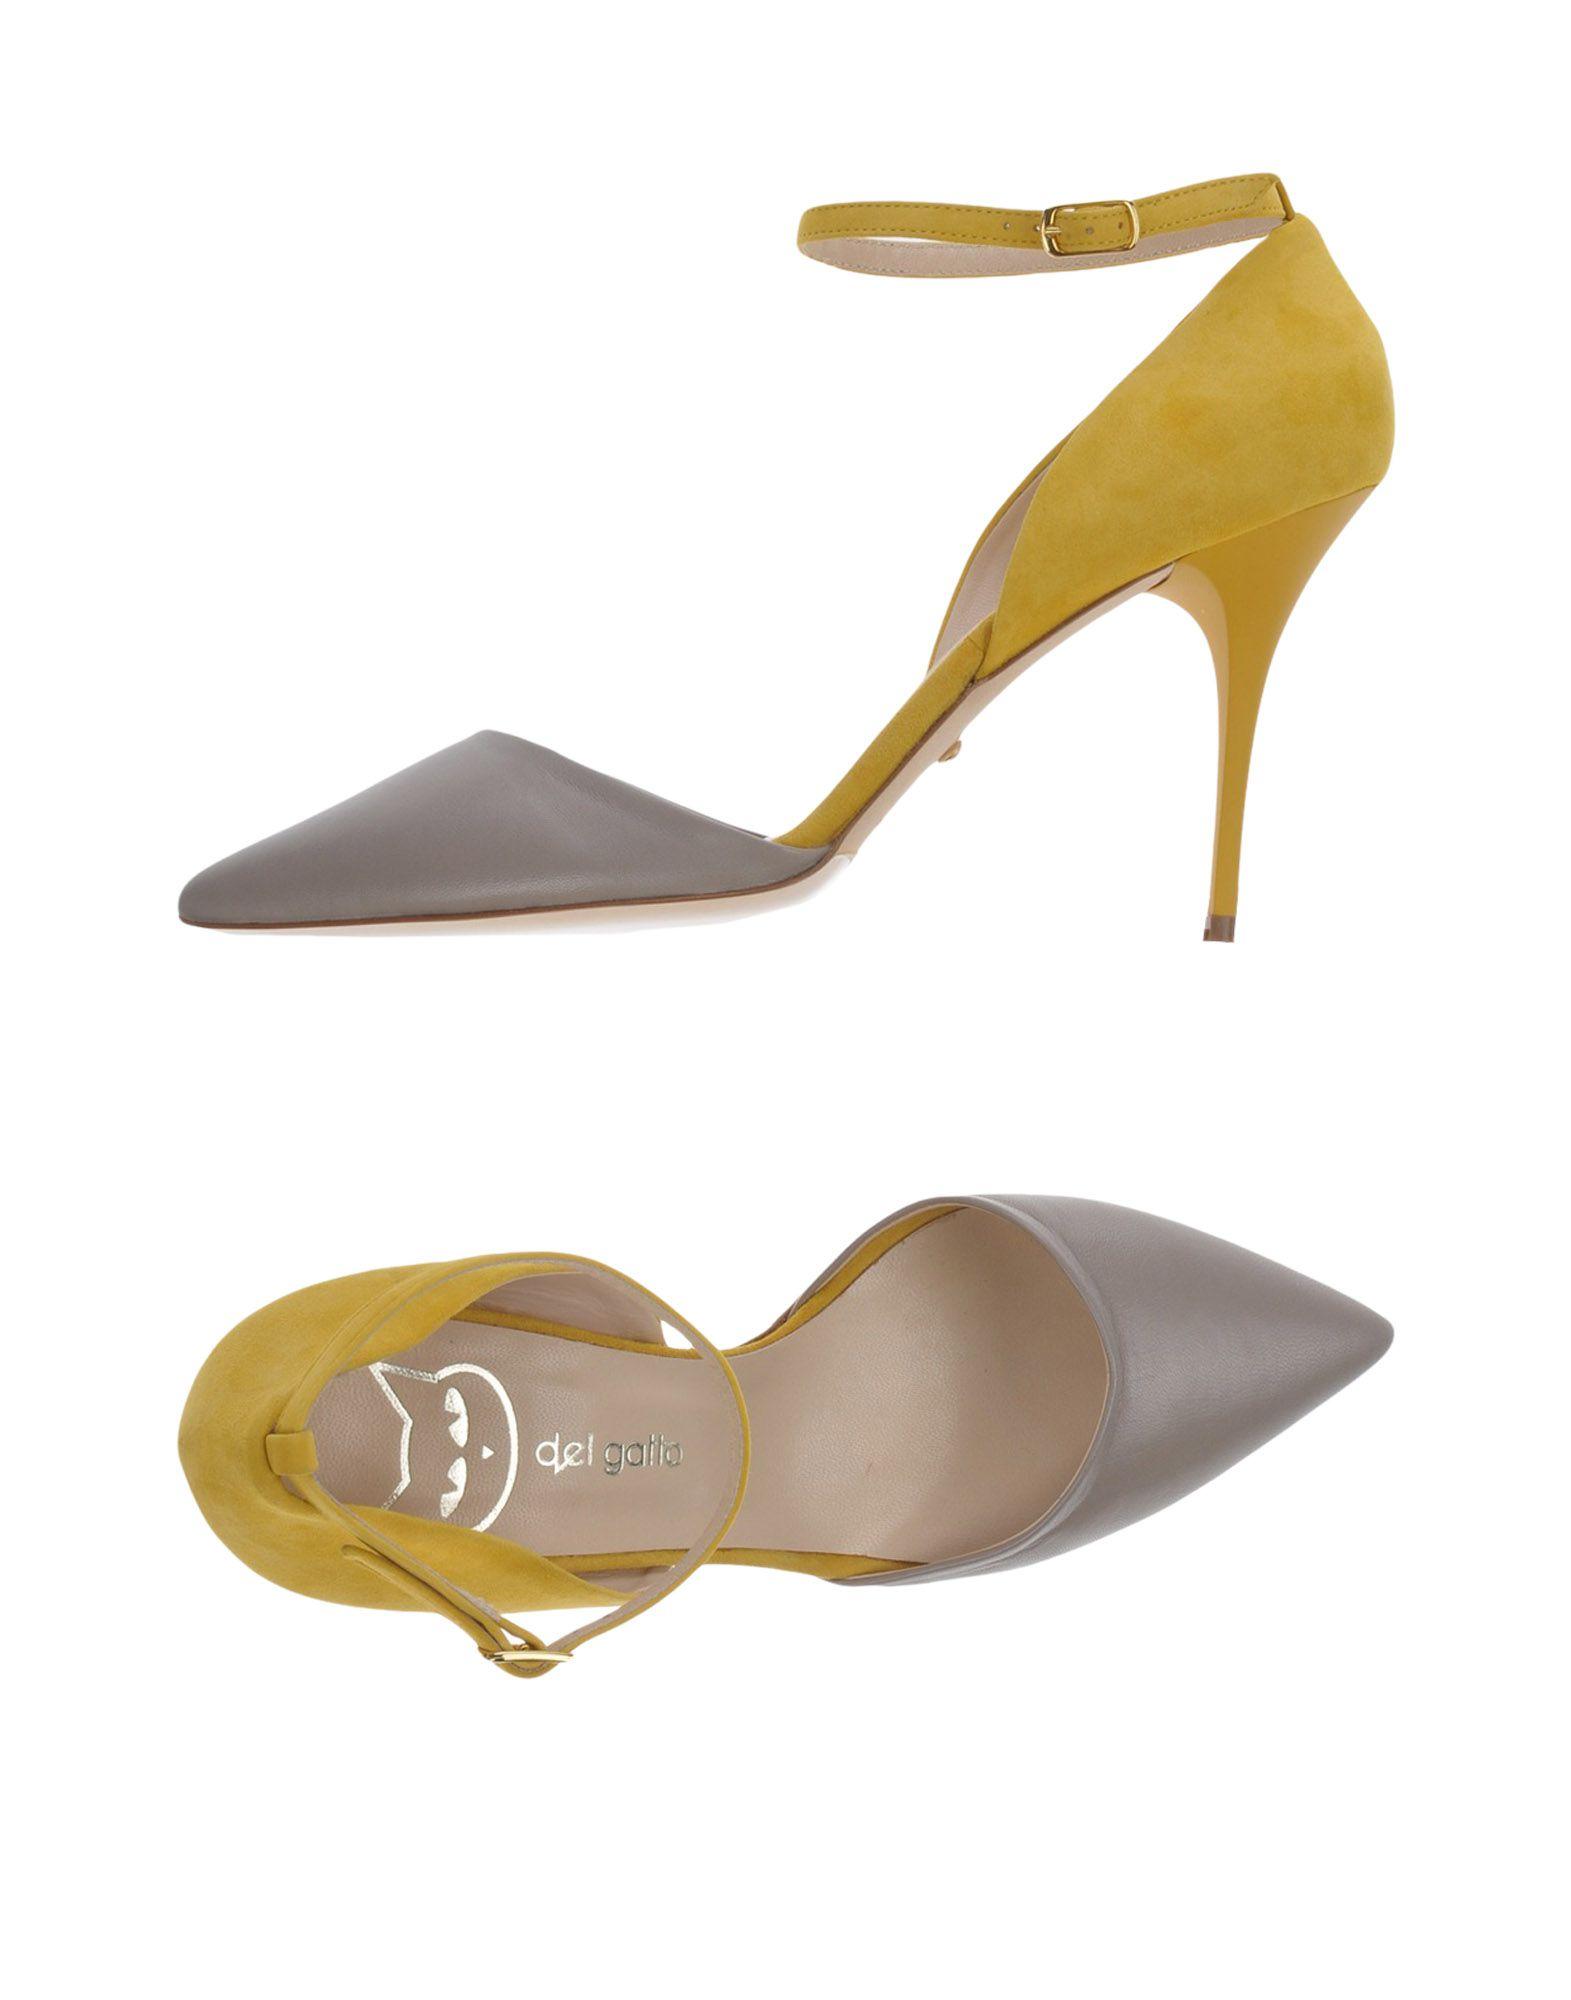 Mocassino Ebarrito offerte Donna - 11384948MA Nuove offerte Ebarrito e scarpe comode a8836f